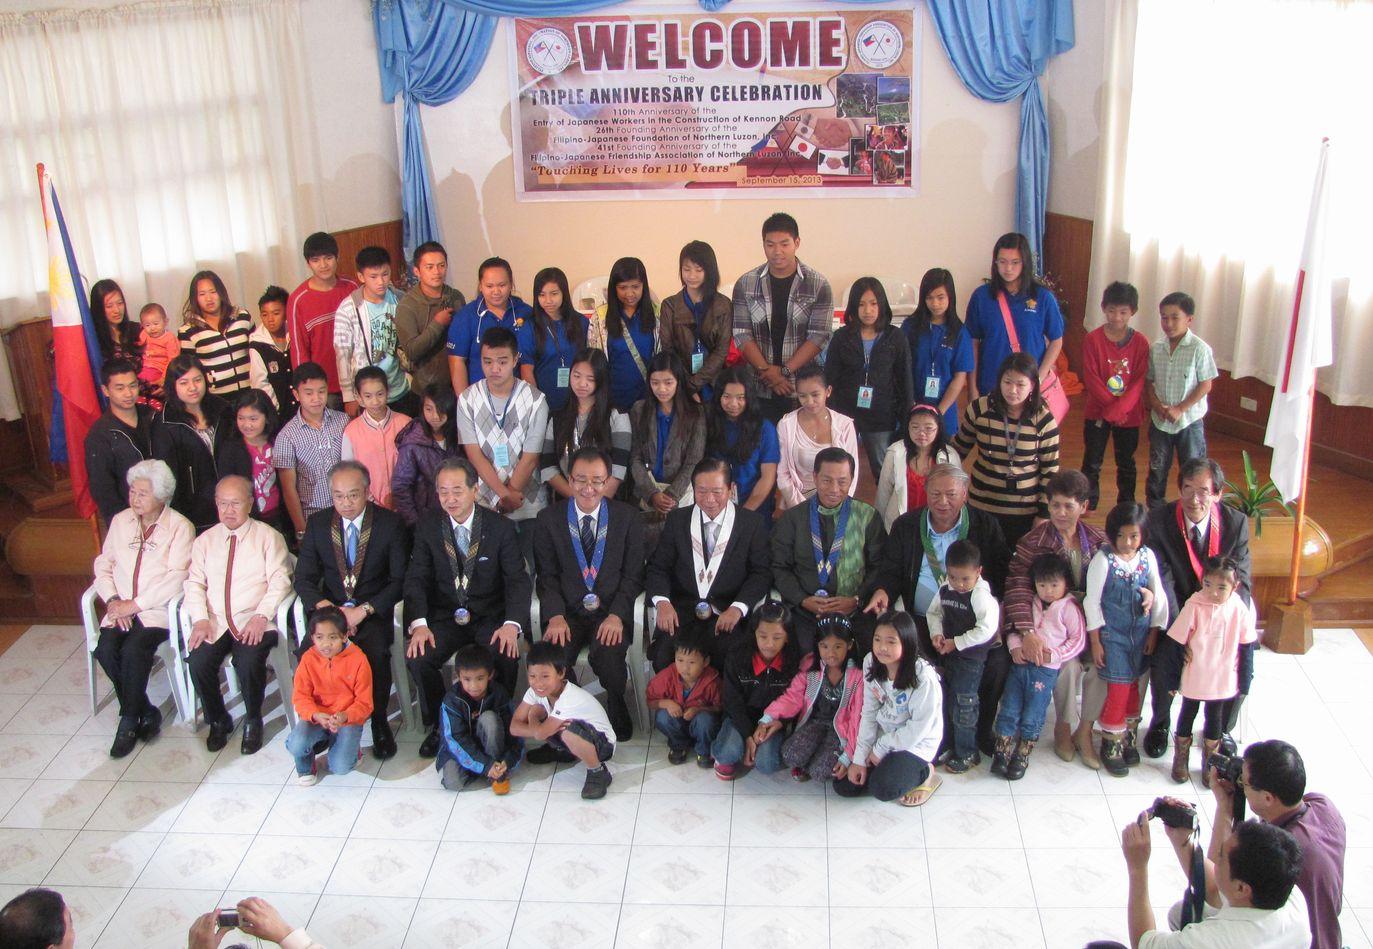 フィリピン・北ルソンの日系人 移民110周年を祝う Triple Anniversary, in Baguio_a0109542_16295137.jpg